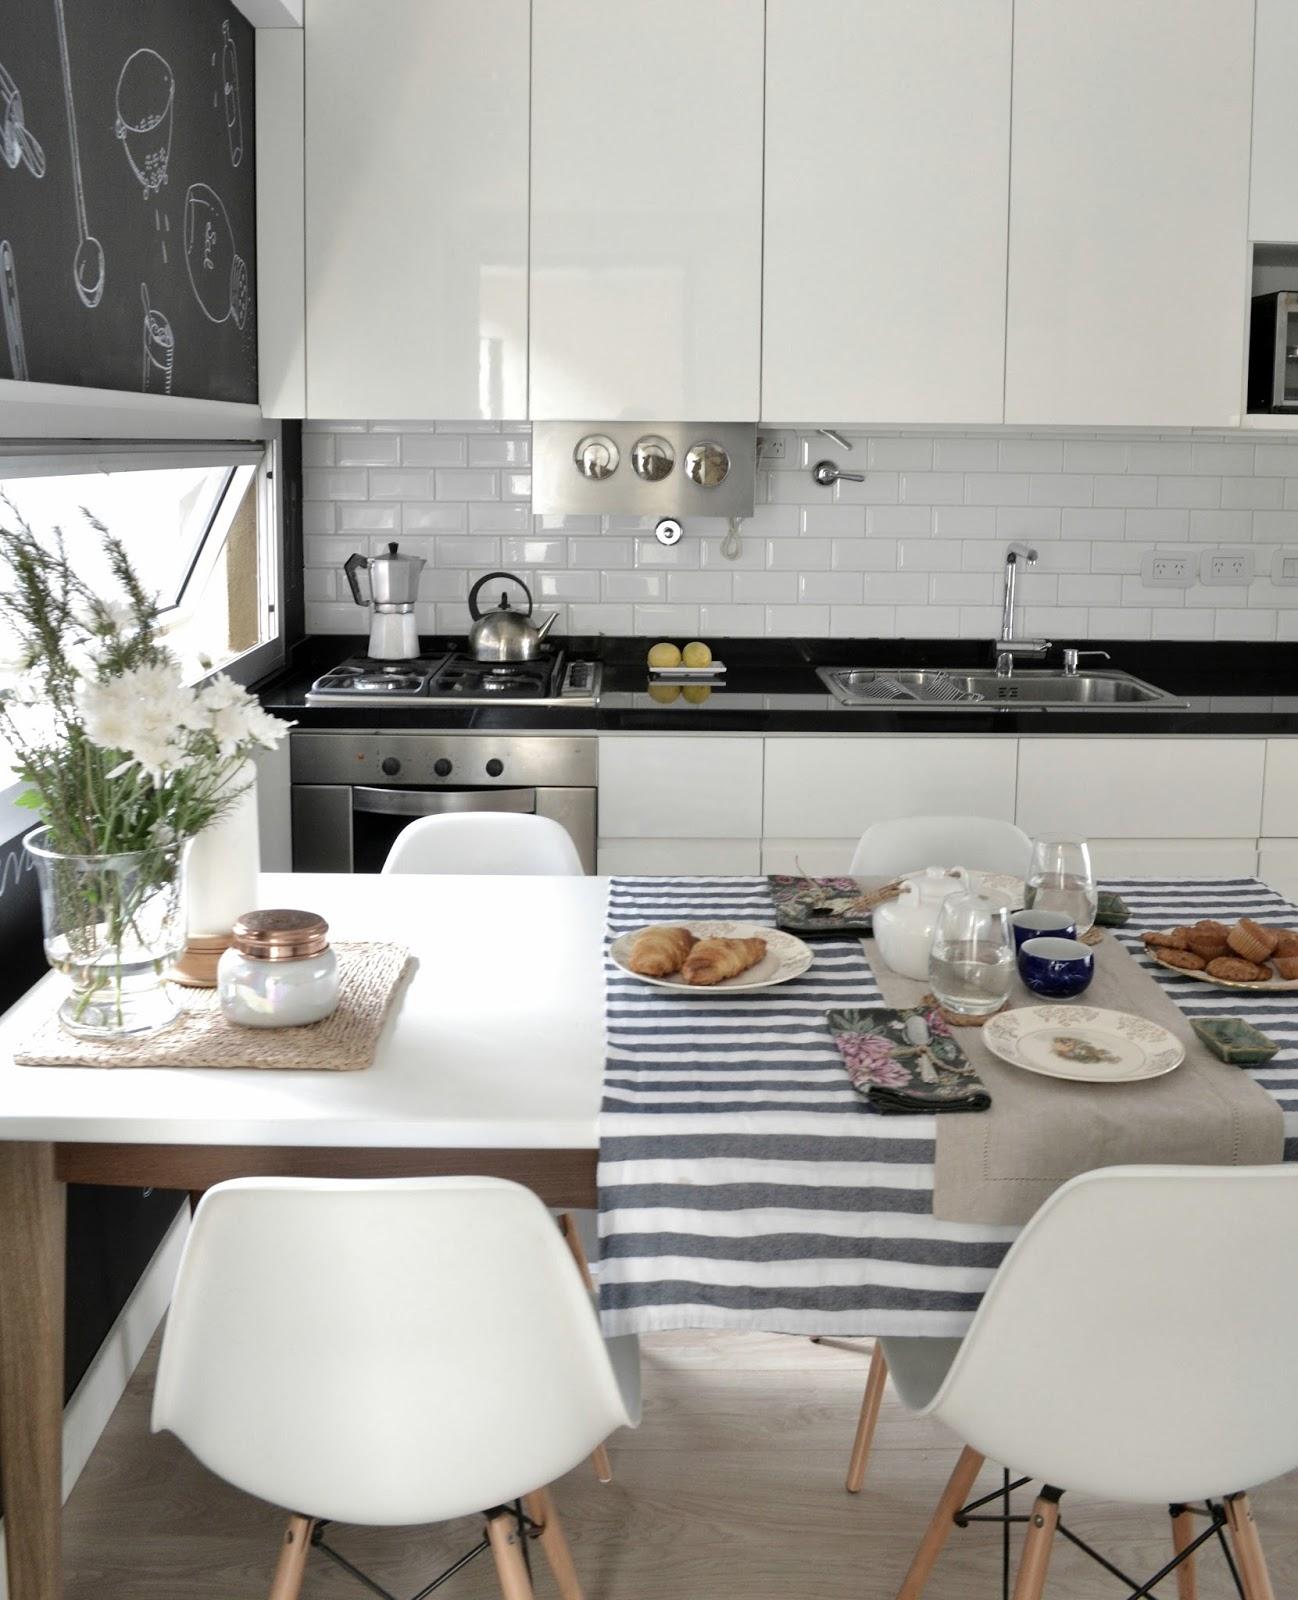 Alma deco buenos aires - Muebles de cocina salguero ...